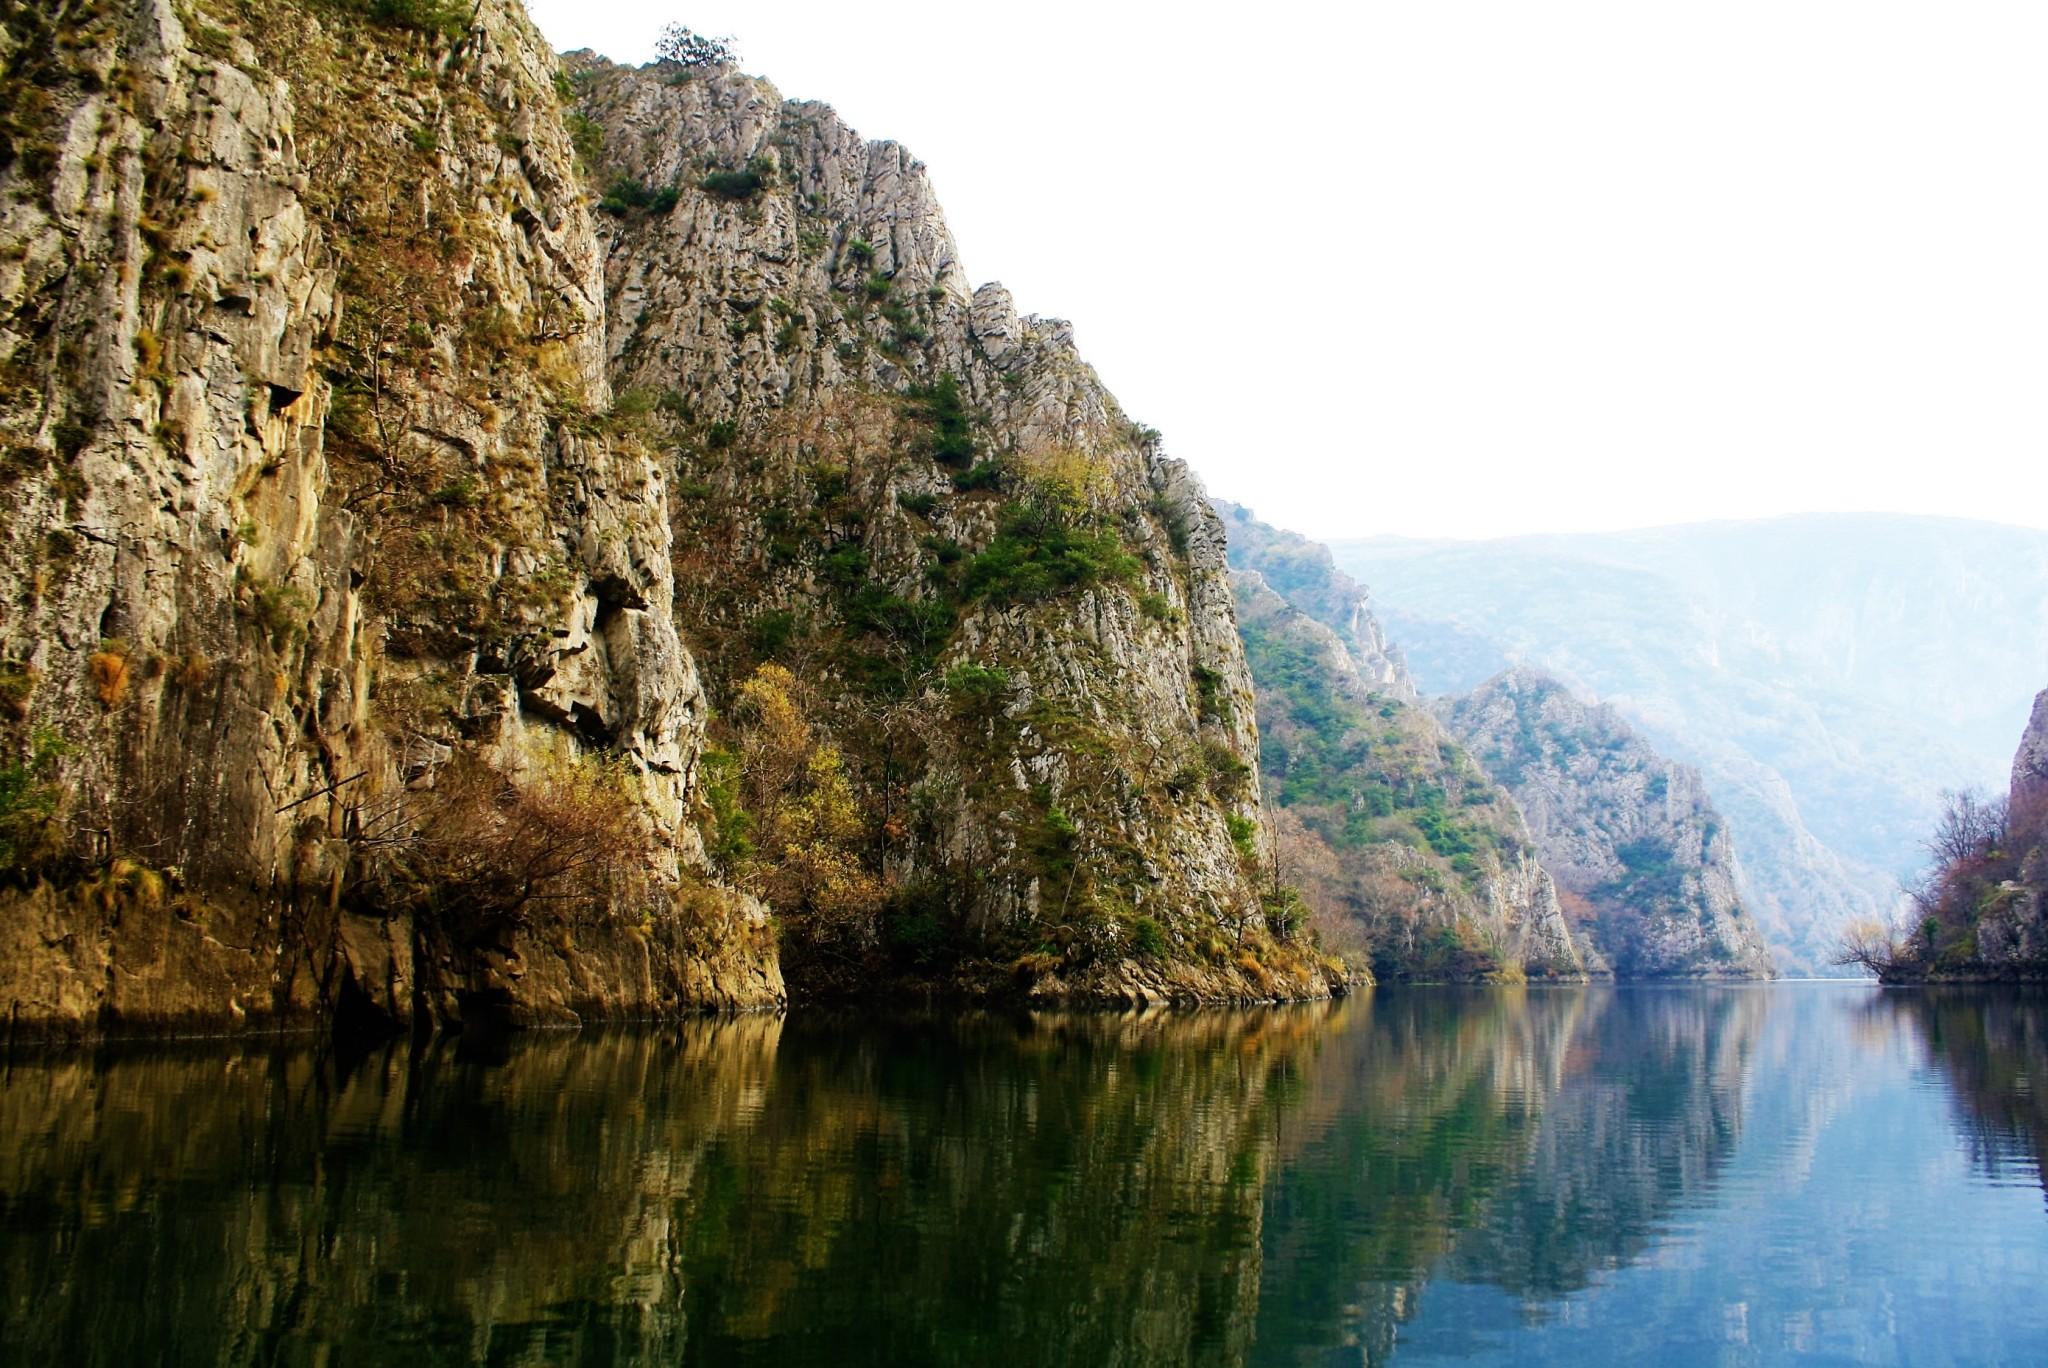 Macedonia's Matka Canyon